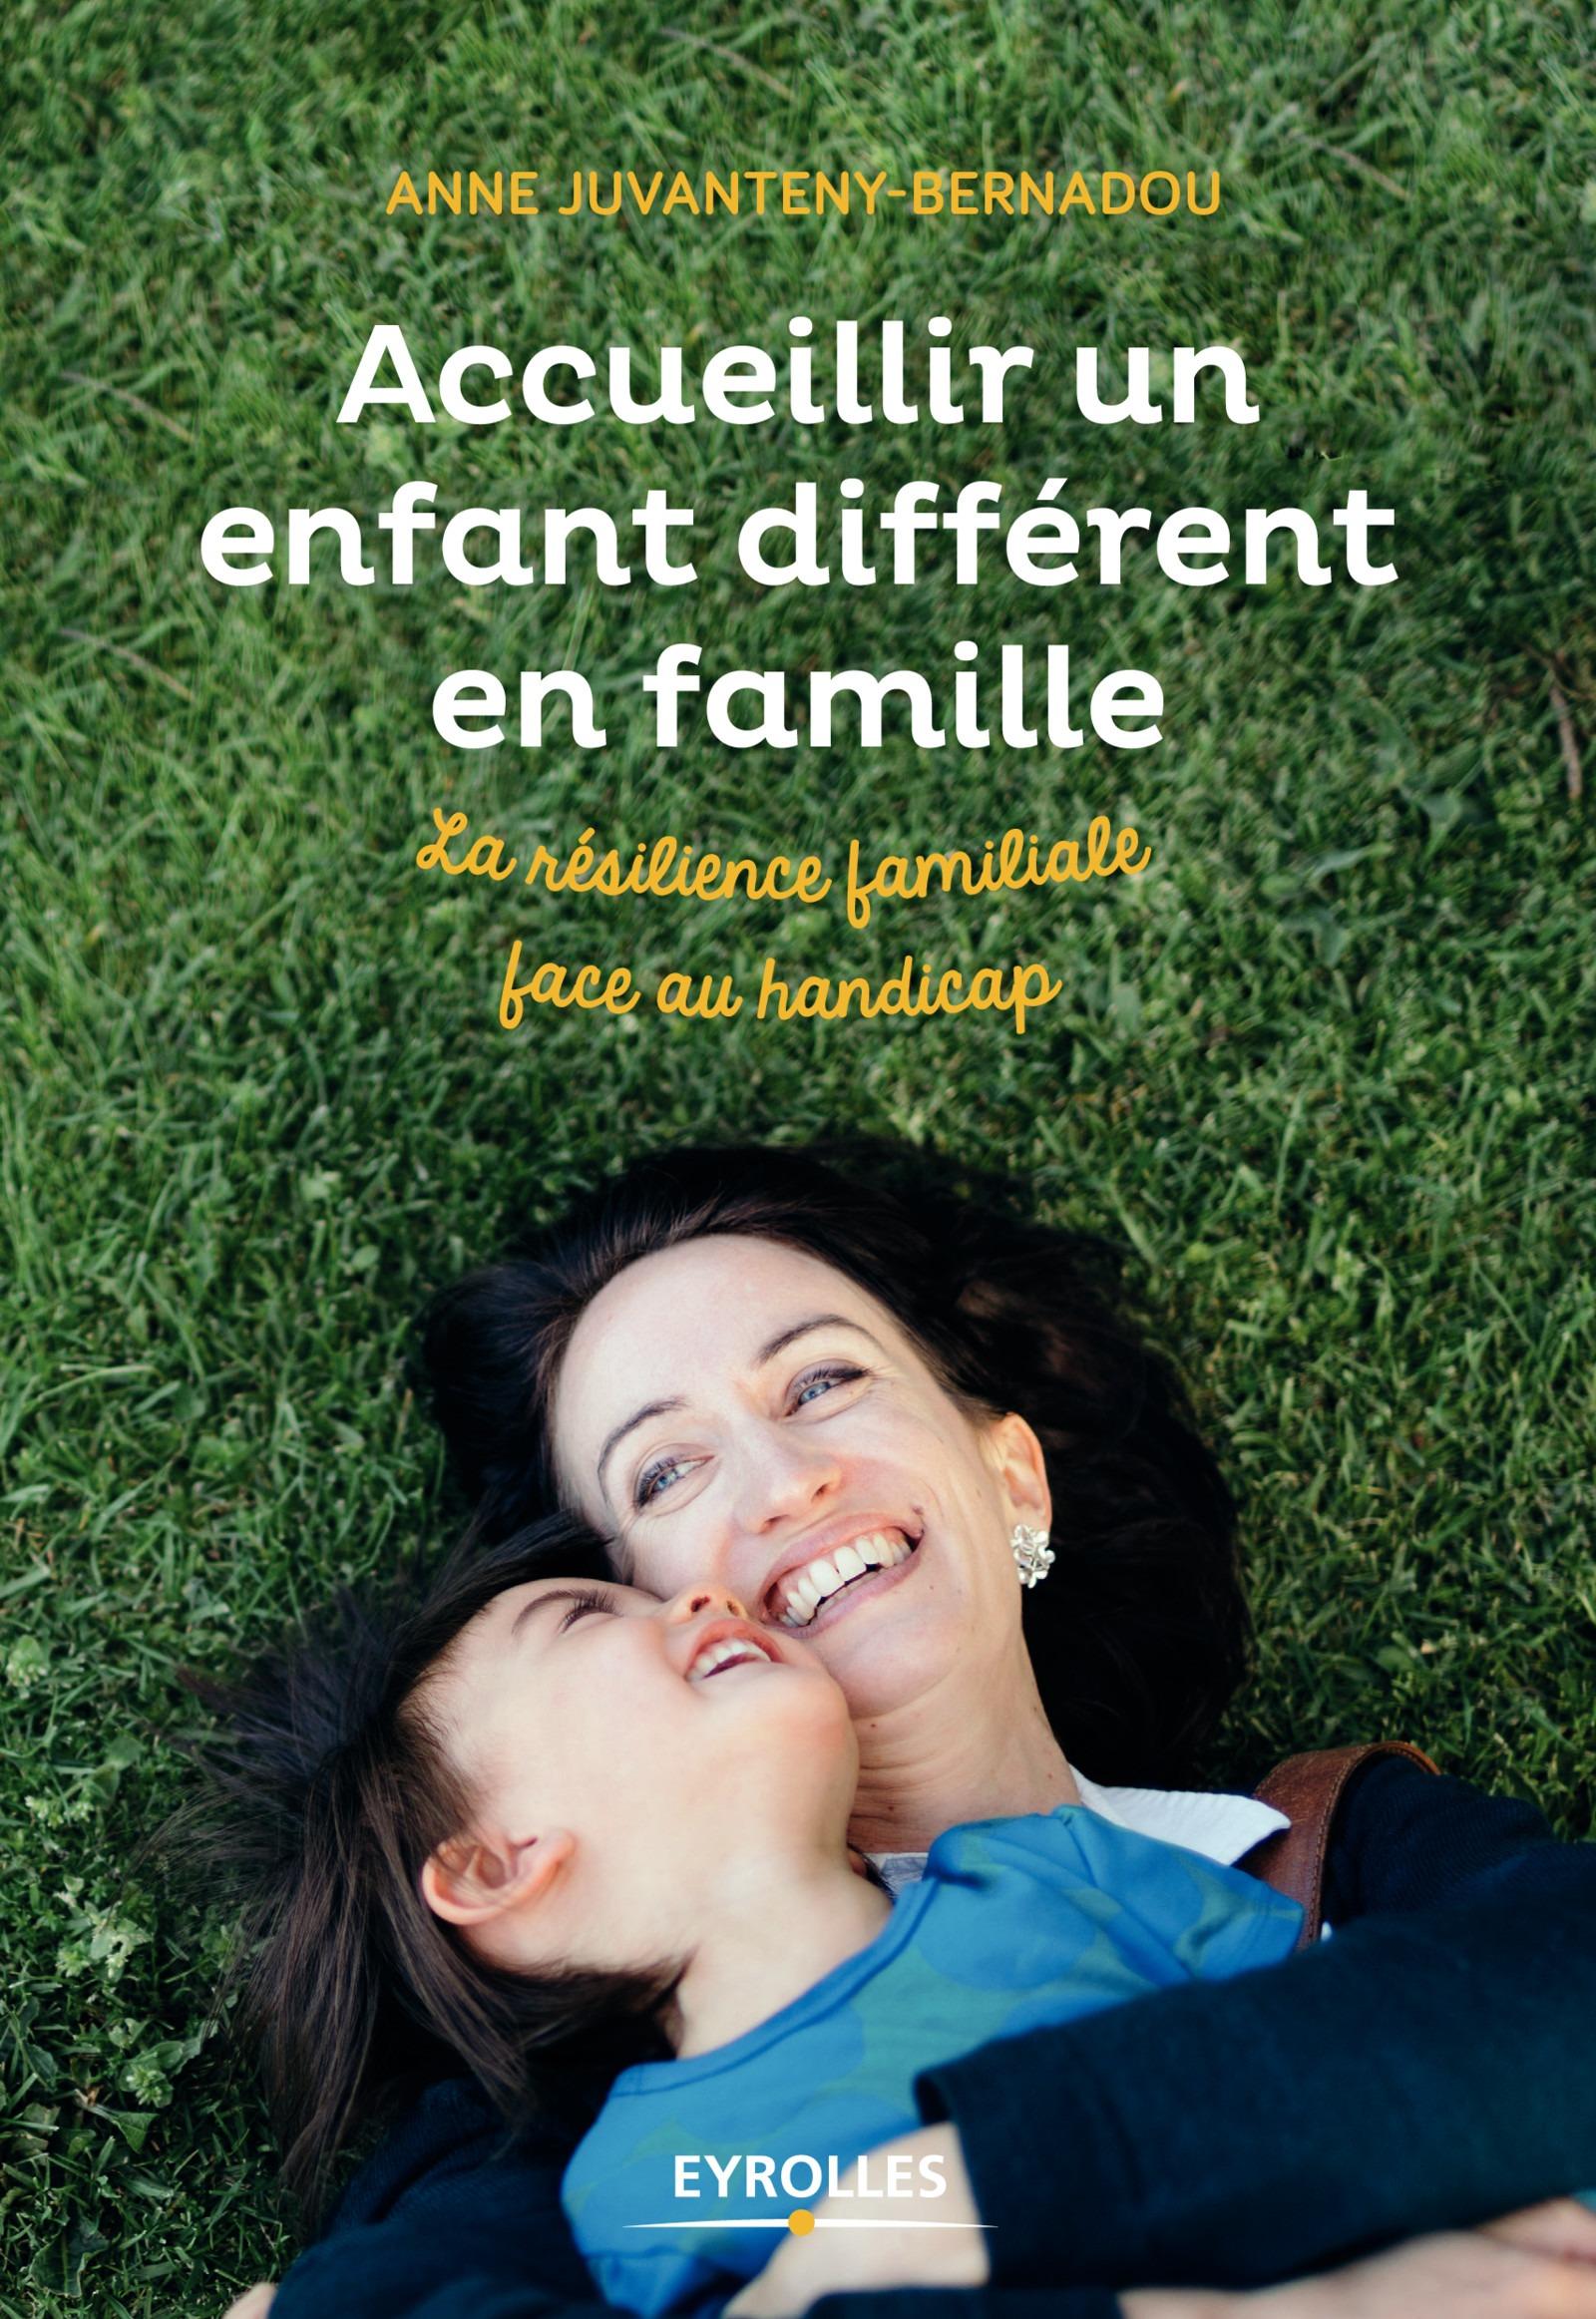 Accueillir un enfant différent en famille